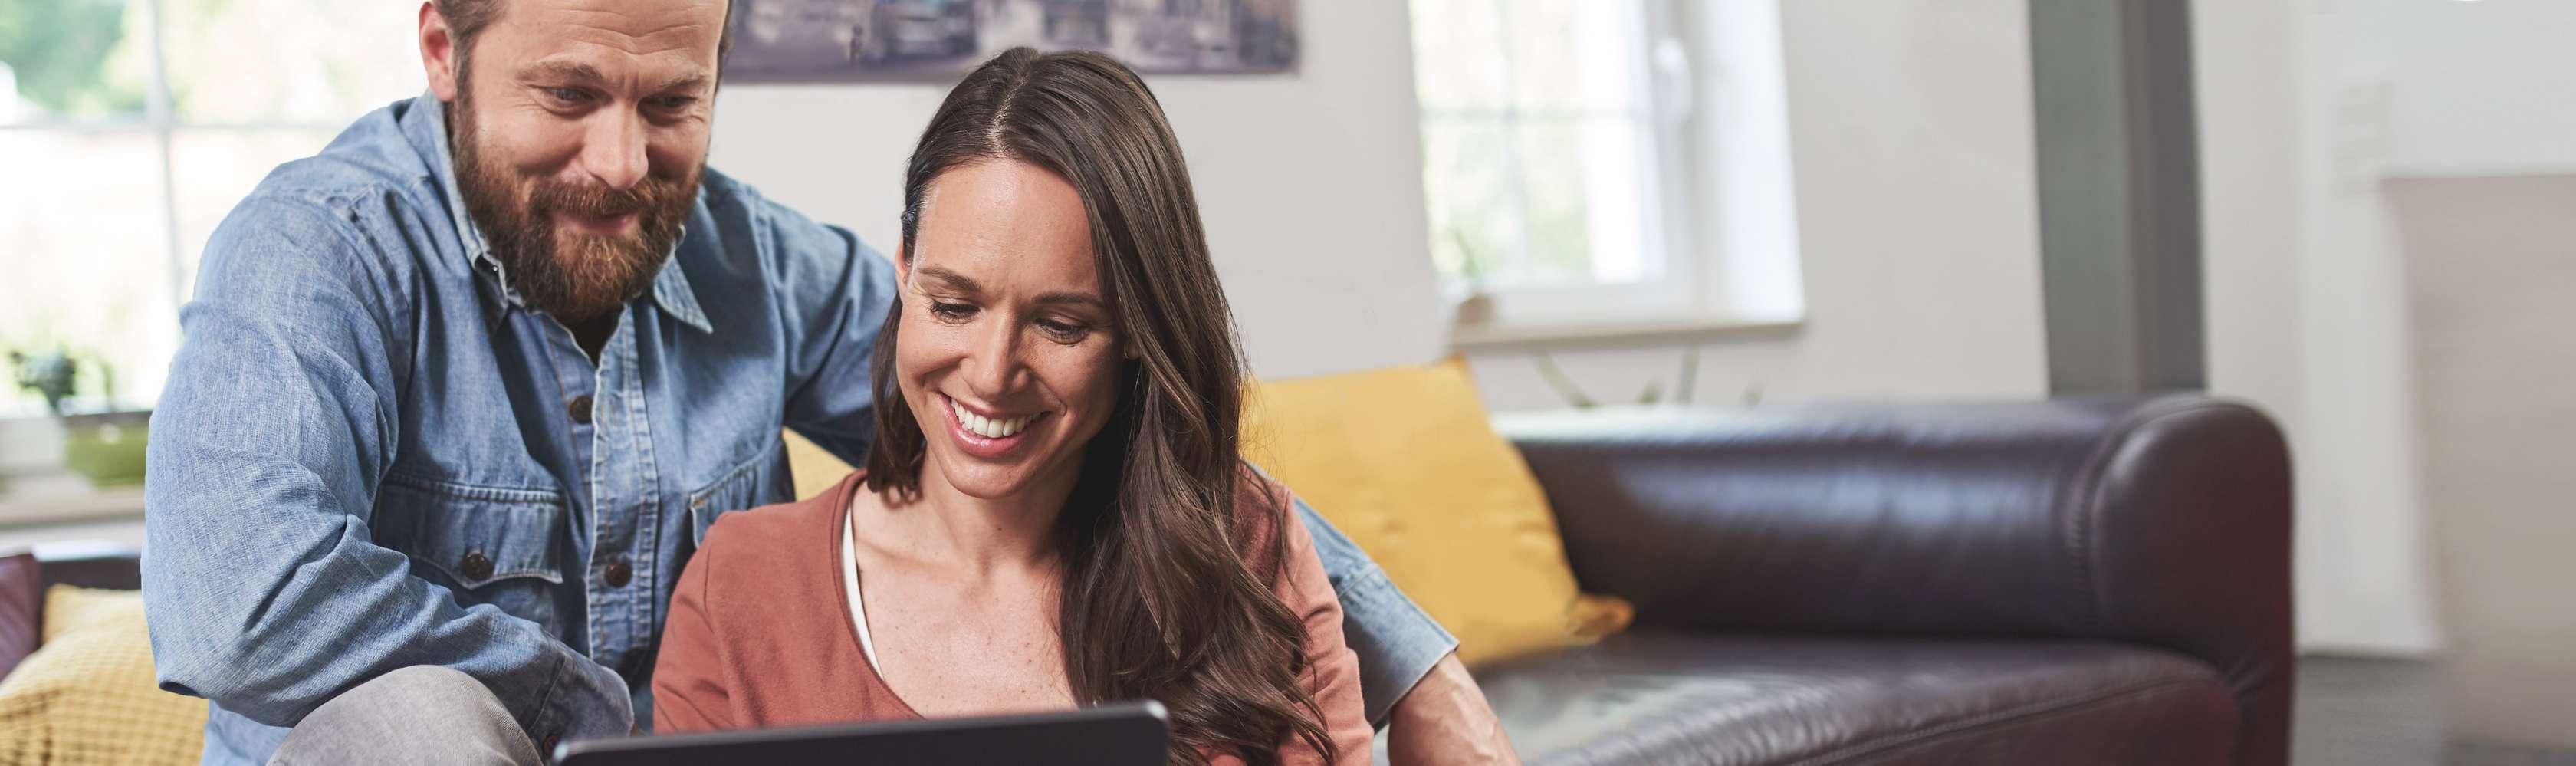 Ein junges Paar sitzt gemeinsam auf dem Sofa und blickt lächelnd auf ein Tablet.